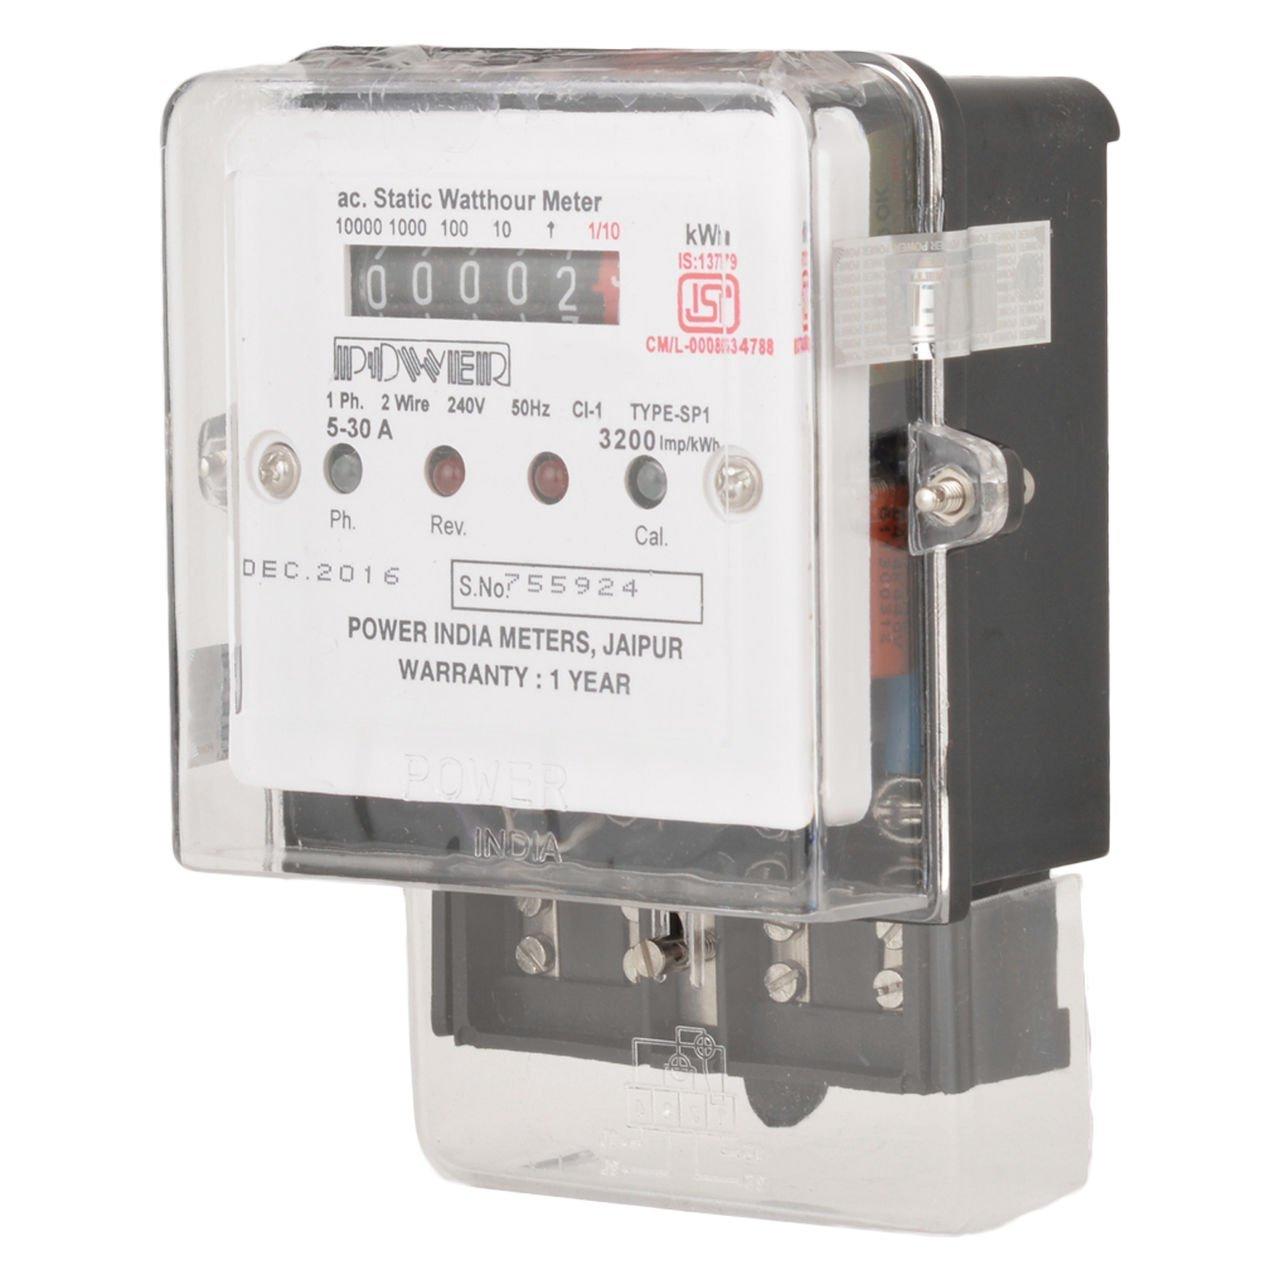 Power India Meters SF-EC1 Single Phase Electronic Watt-hour Meter